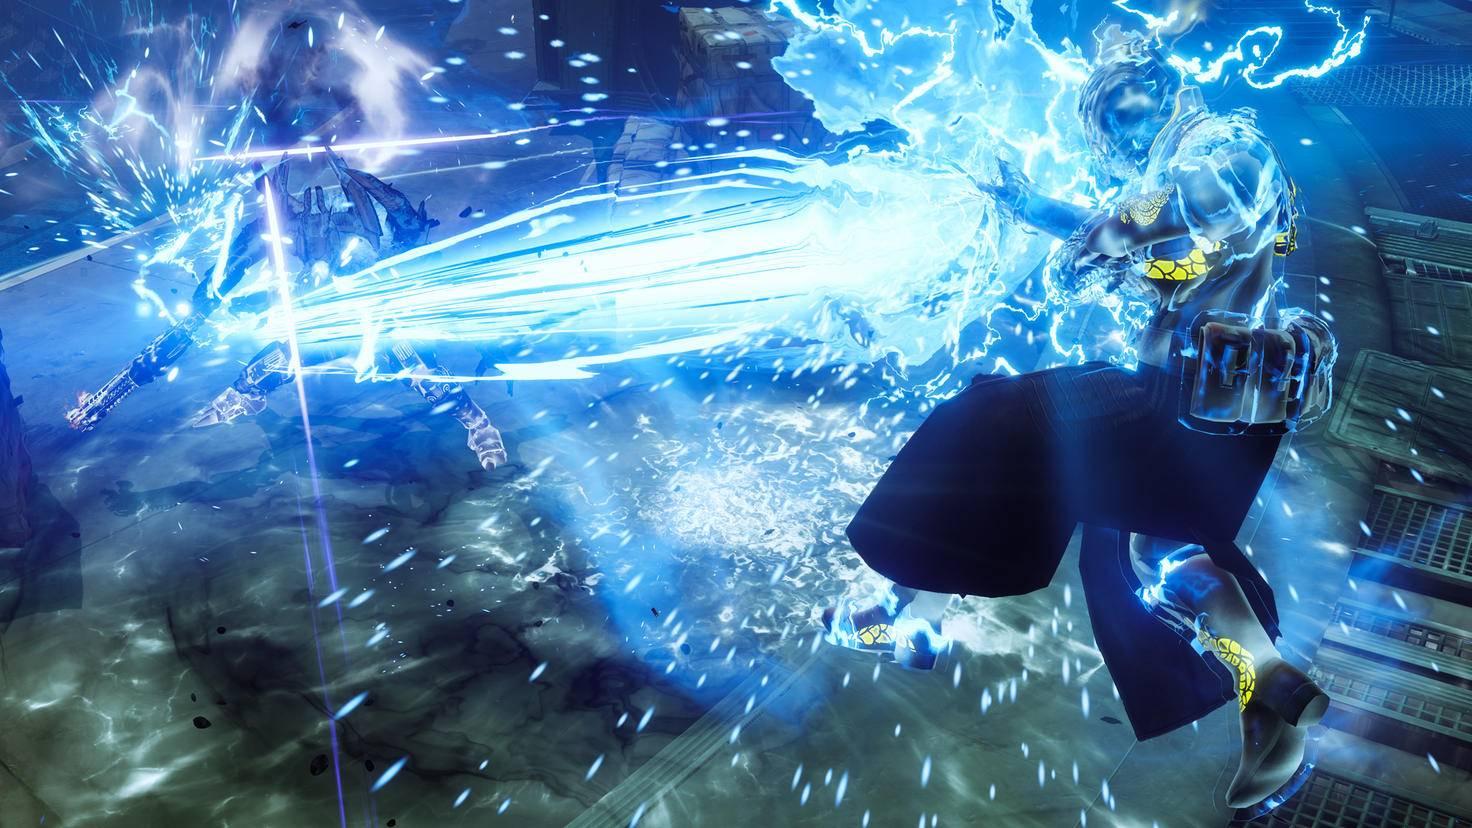 Du kannst Deine Gegner in einer Super-Wolke kosmischer Energie vergehen lassen? Dann zögere nicht!